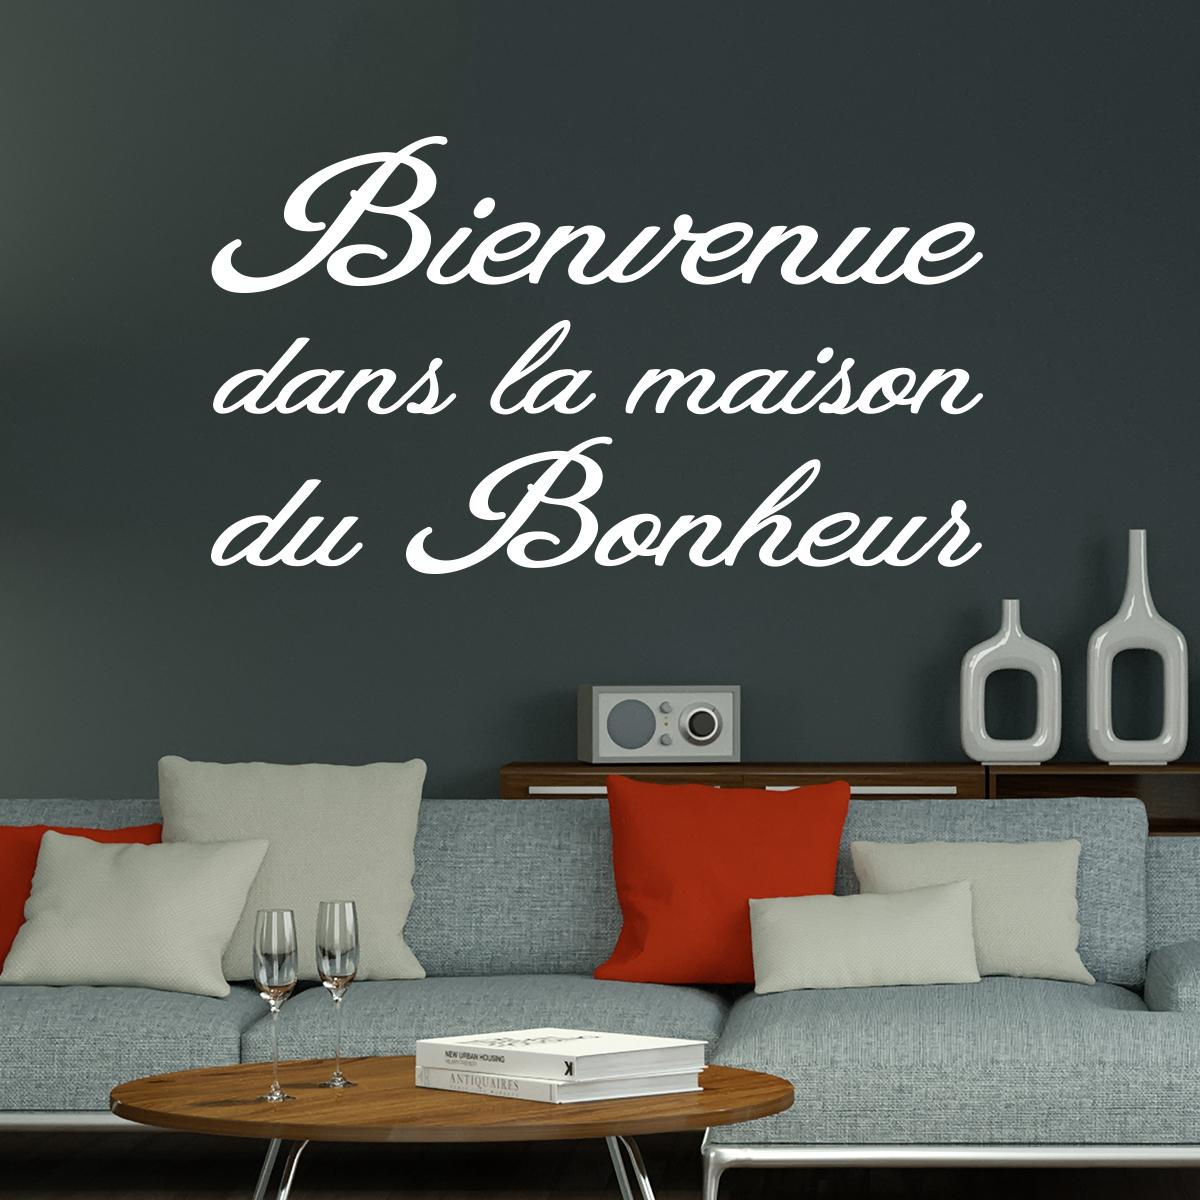 Sticker citation bienvenue dans la maison du bonheur ...